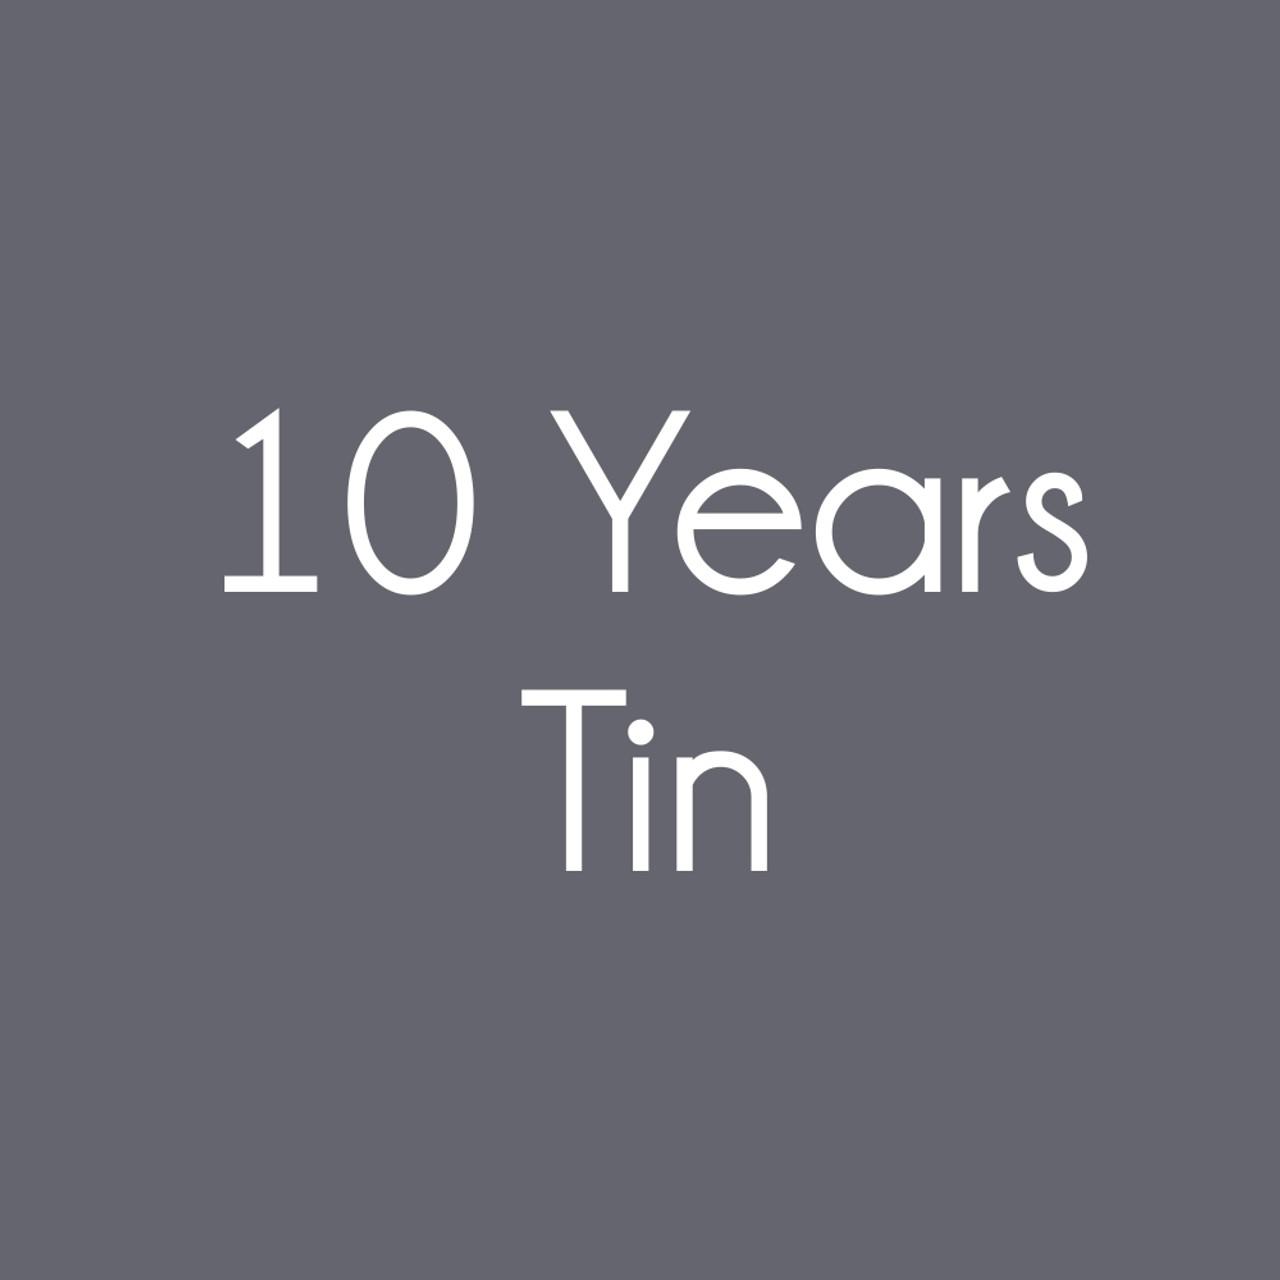 Tin Anniversary Gifts